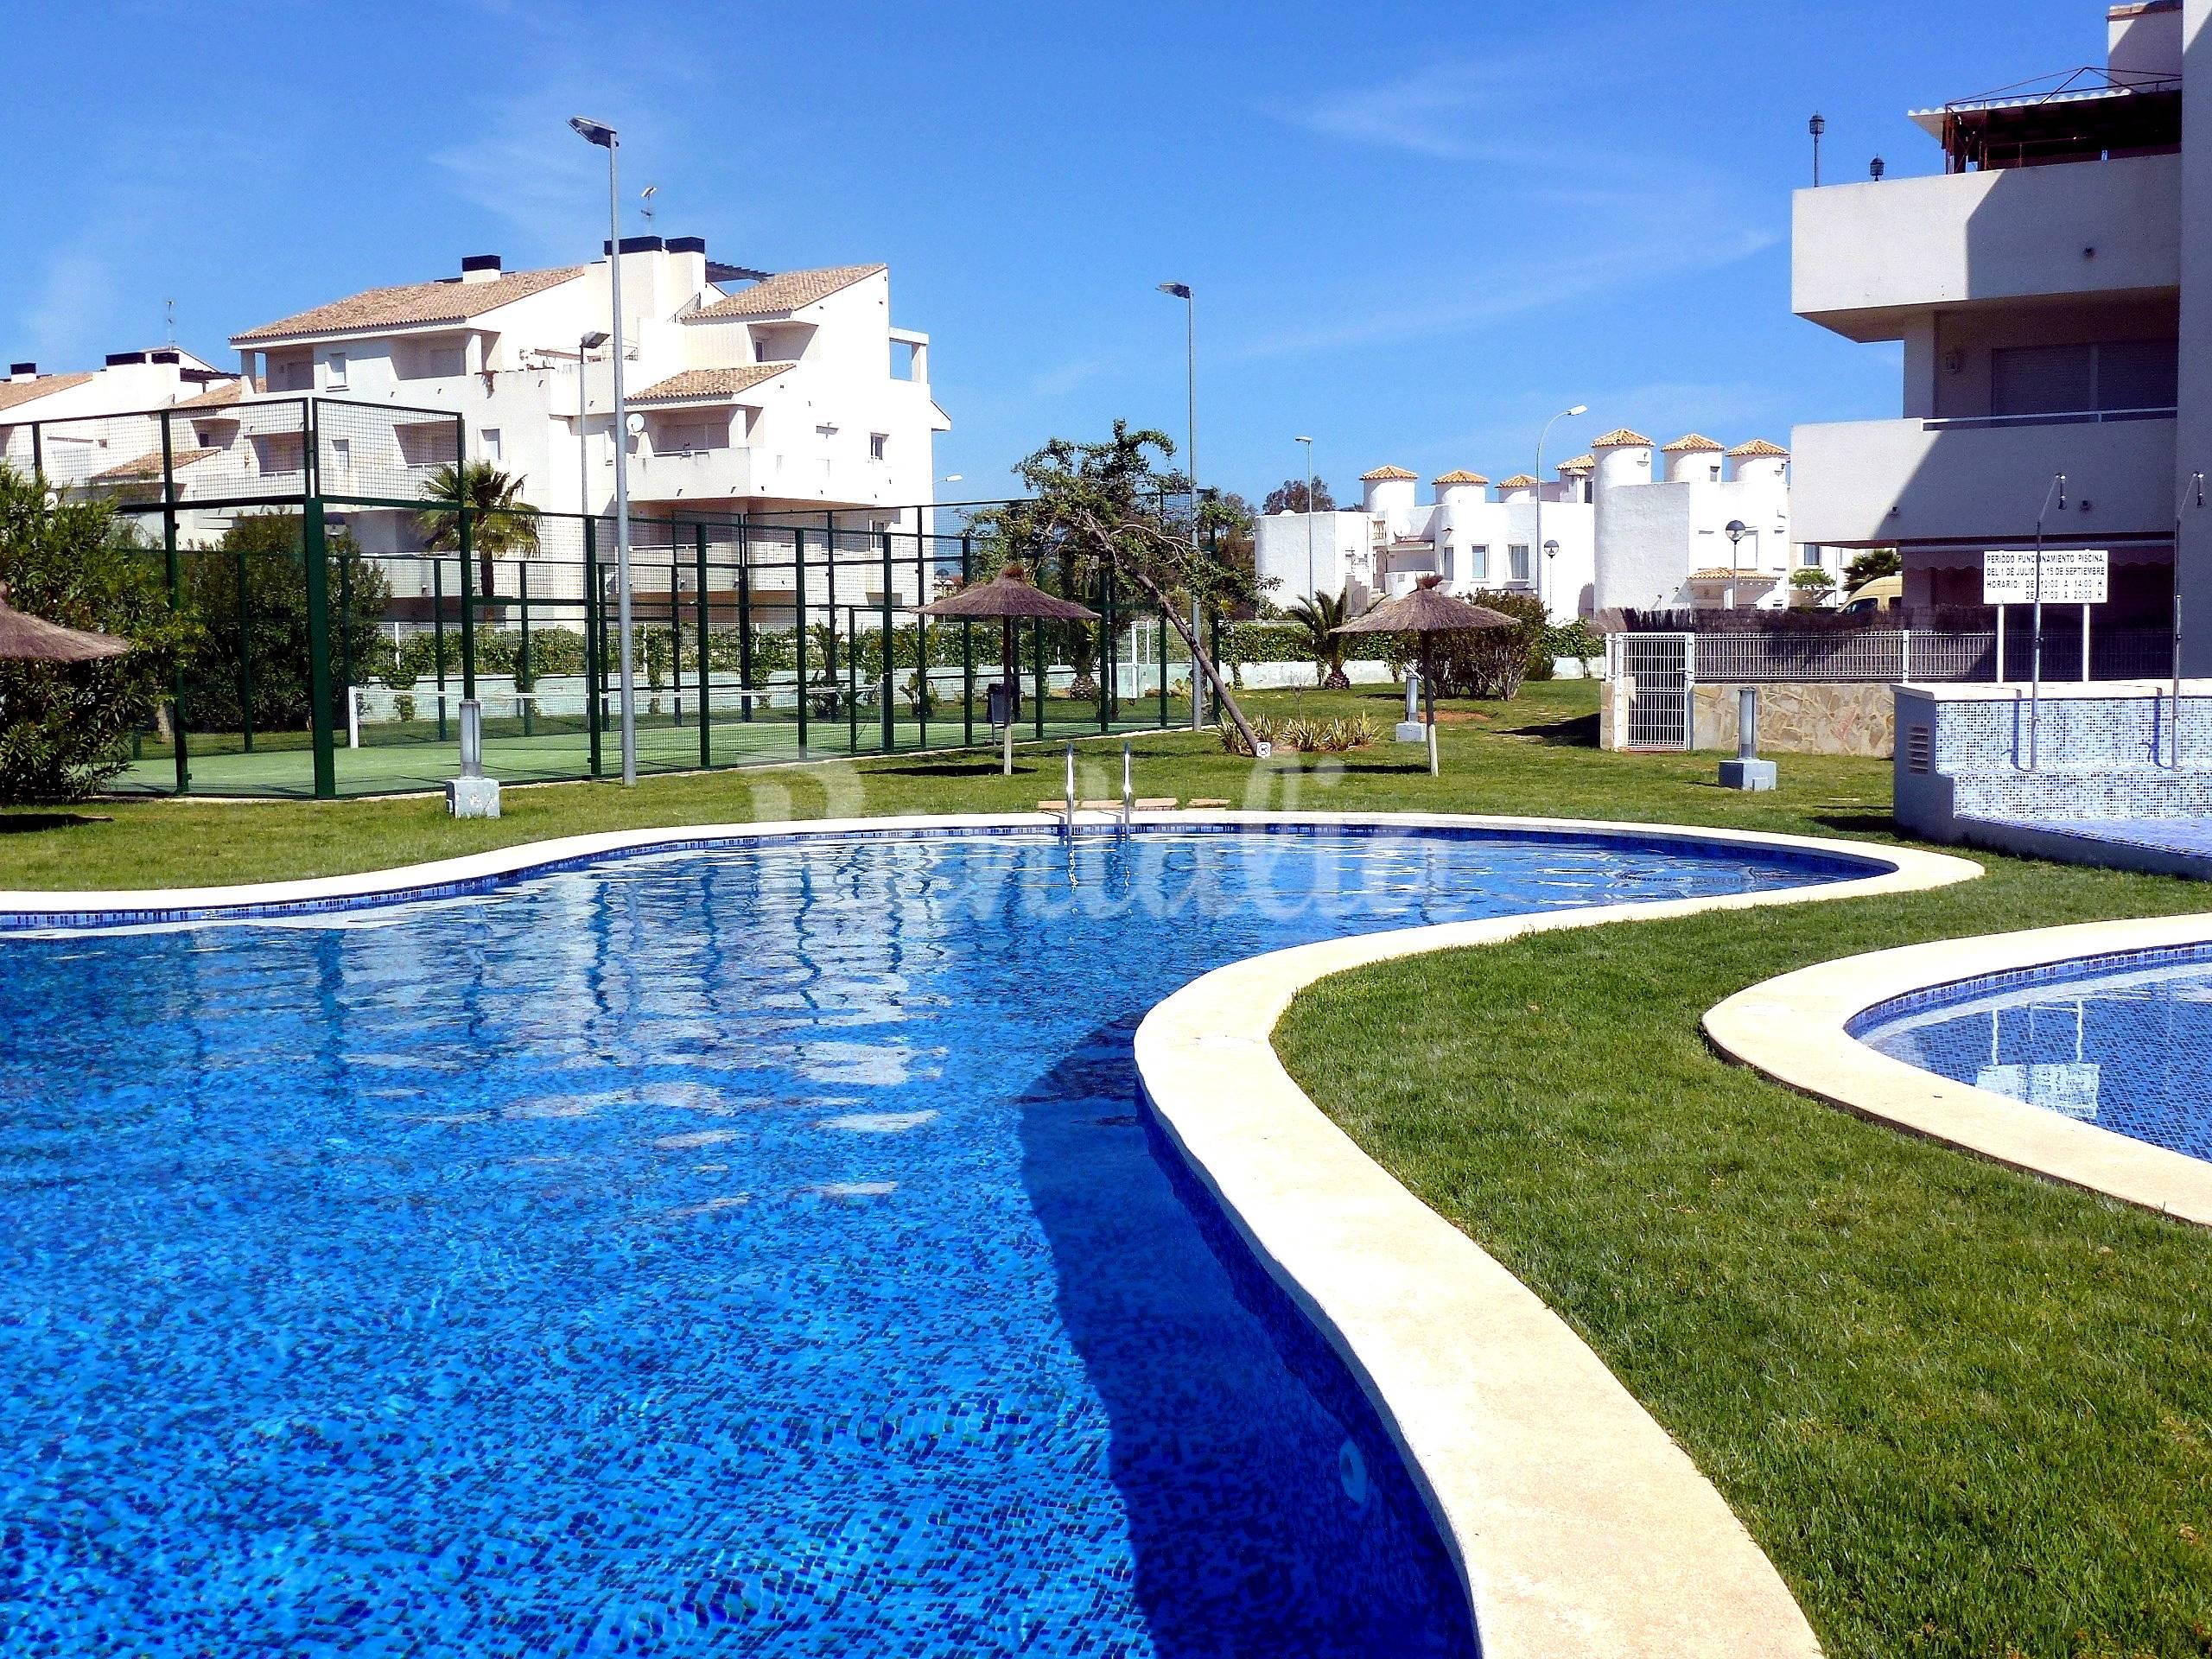 Apartamento en alquiler a 300 m de la playa d nia alicante costa blanca - Denia apartamentos alquiler ...